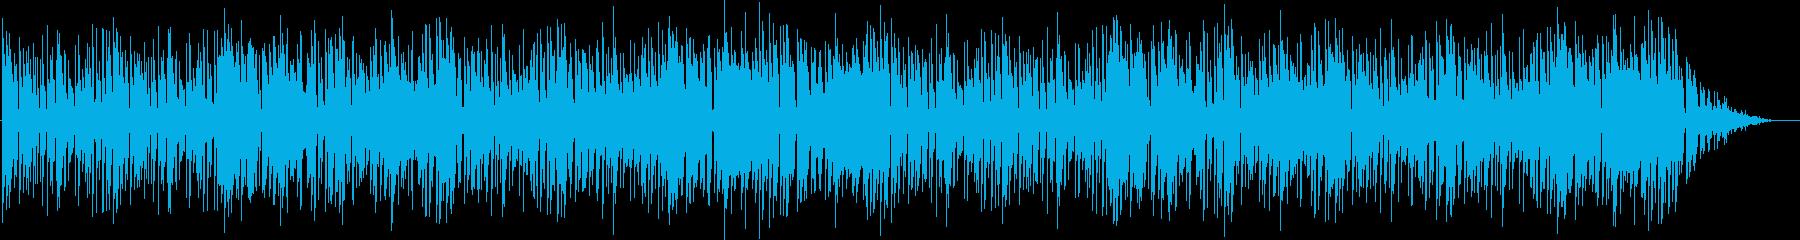 色んな音が入り混じるエレクトロポップスの再生済みの波形